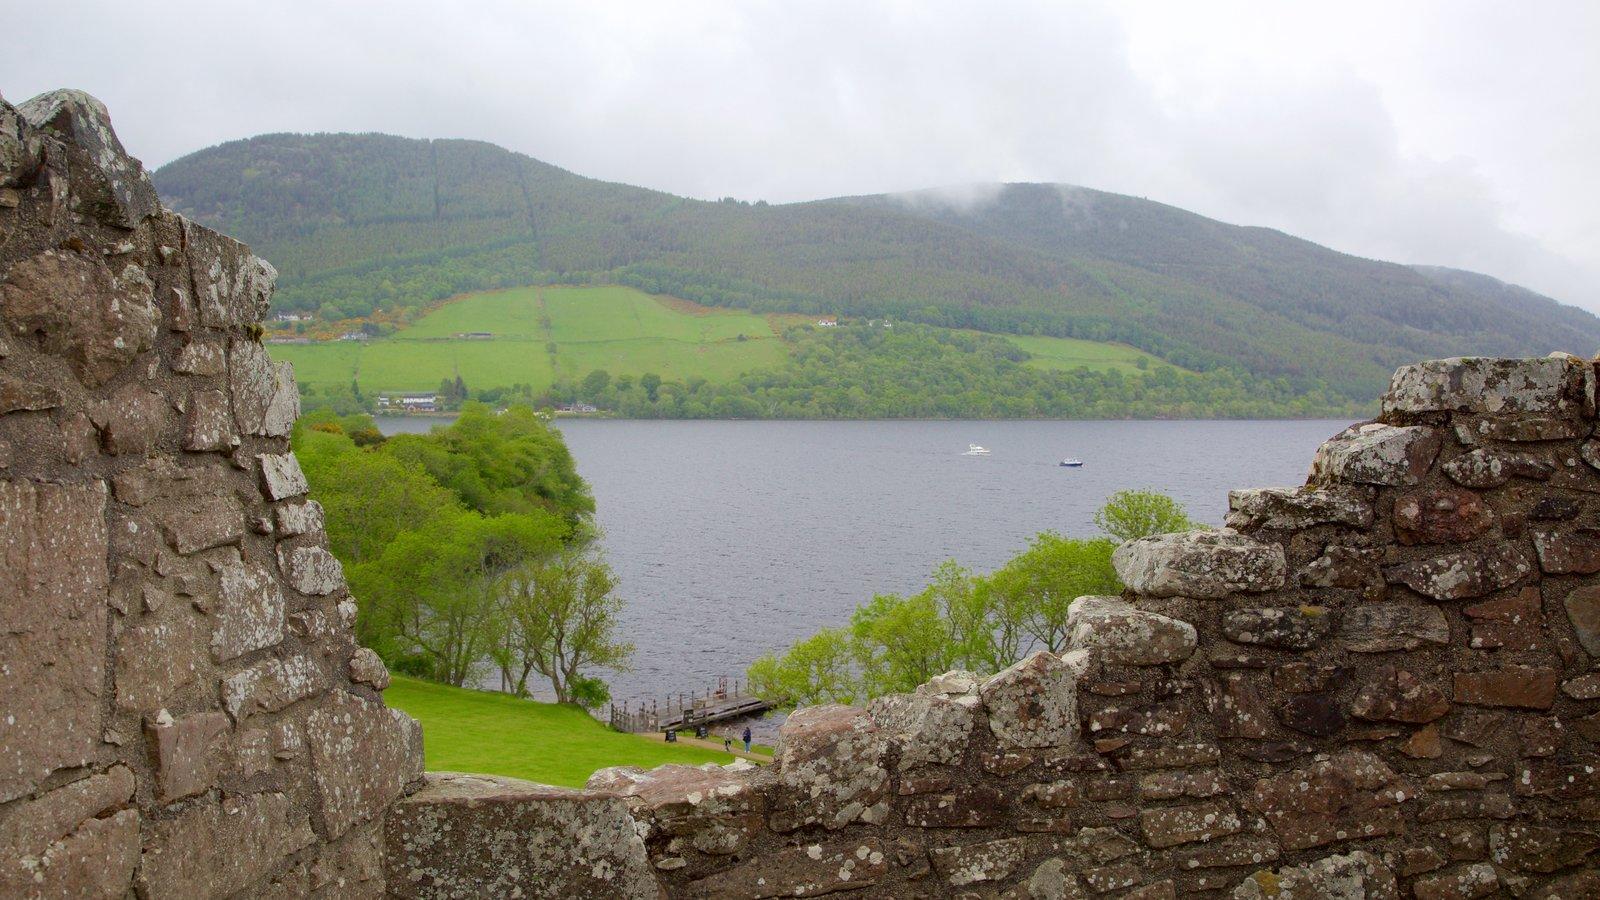 Castillo de Urquhart que incluye elementos del patrimonio, escenas tranquilas y un lago o abrevadero